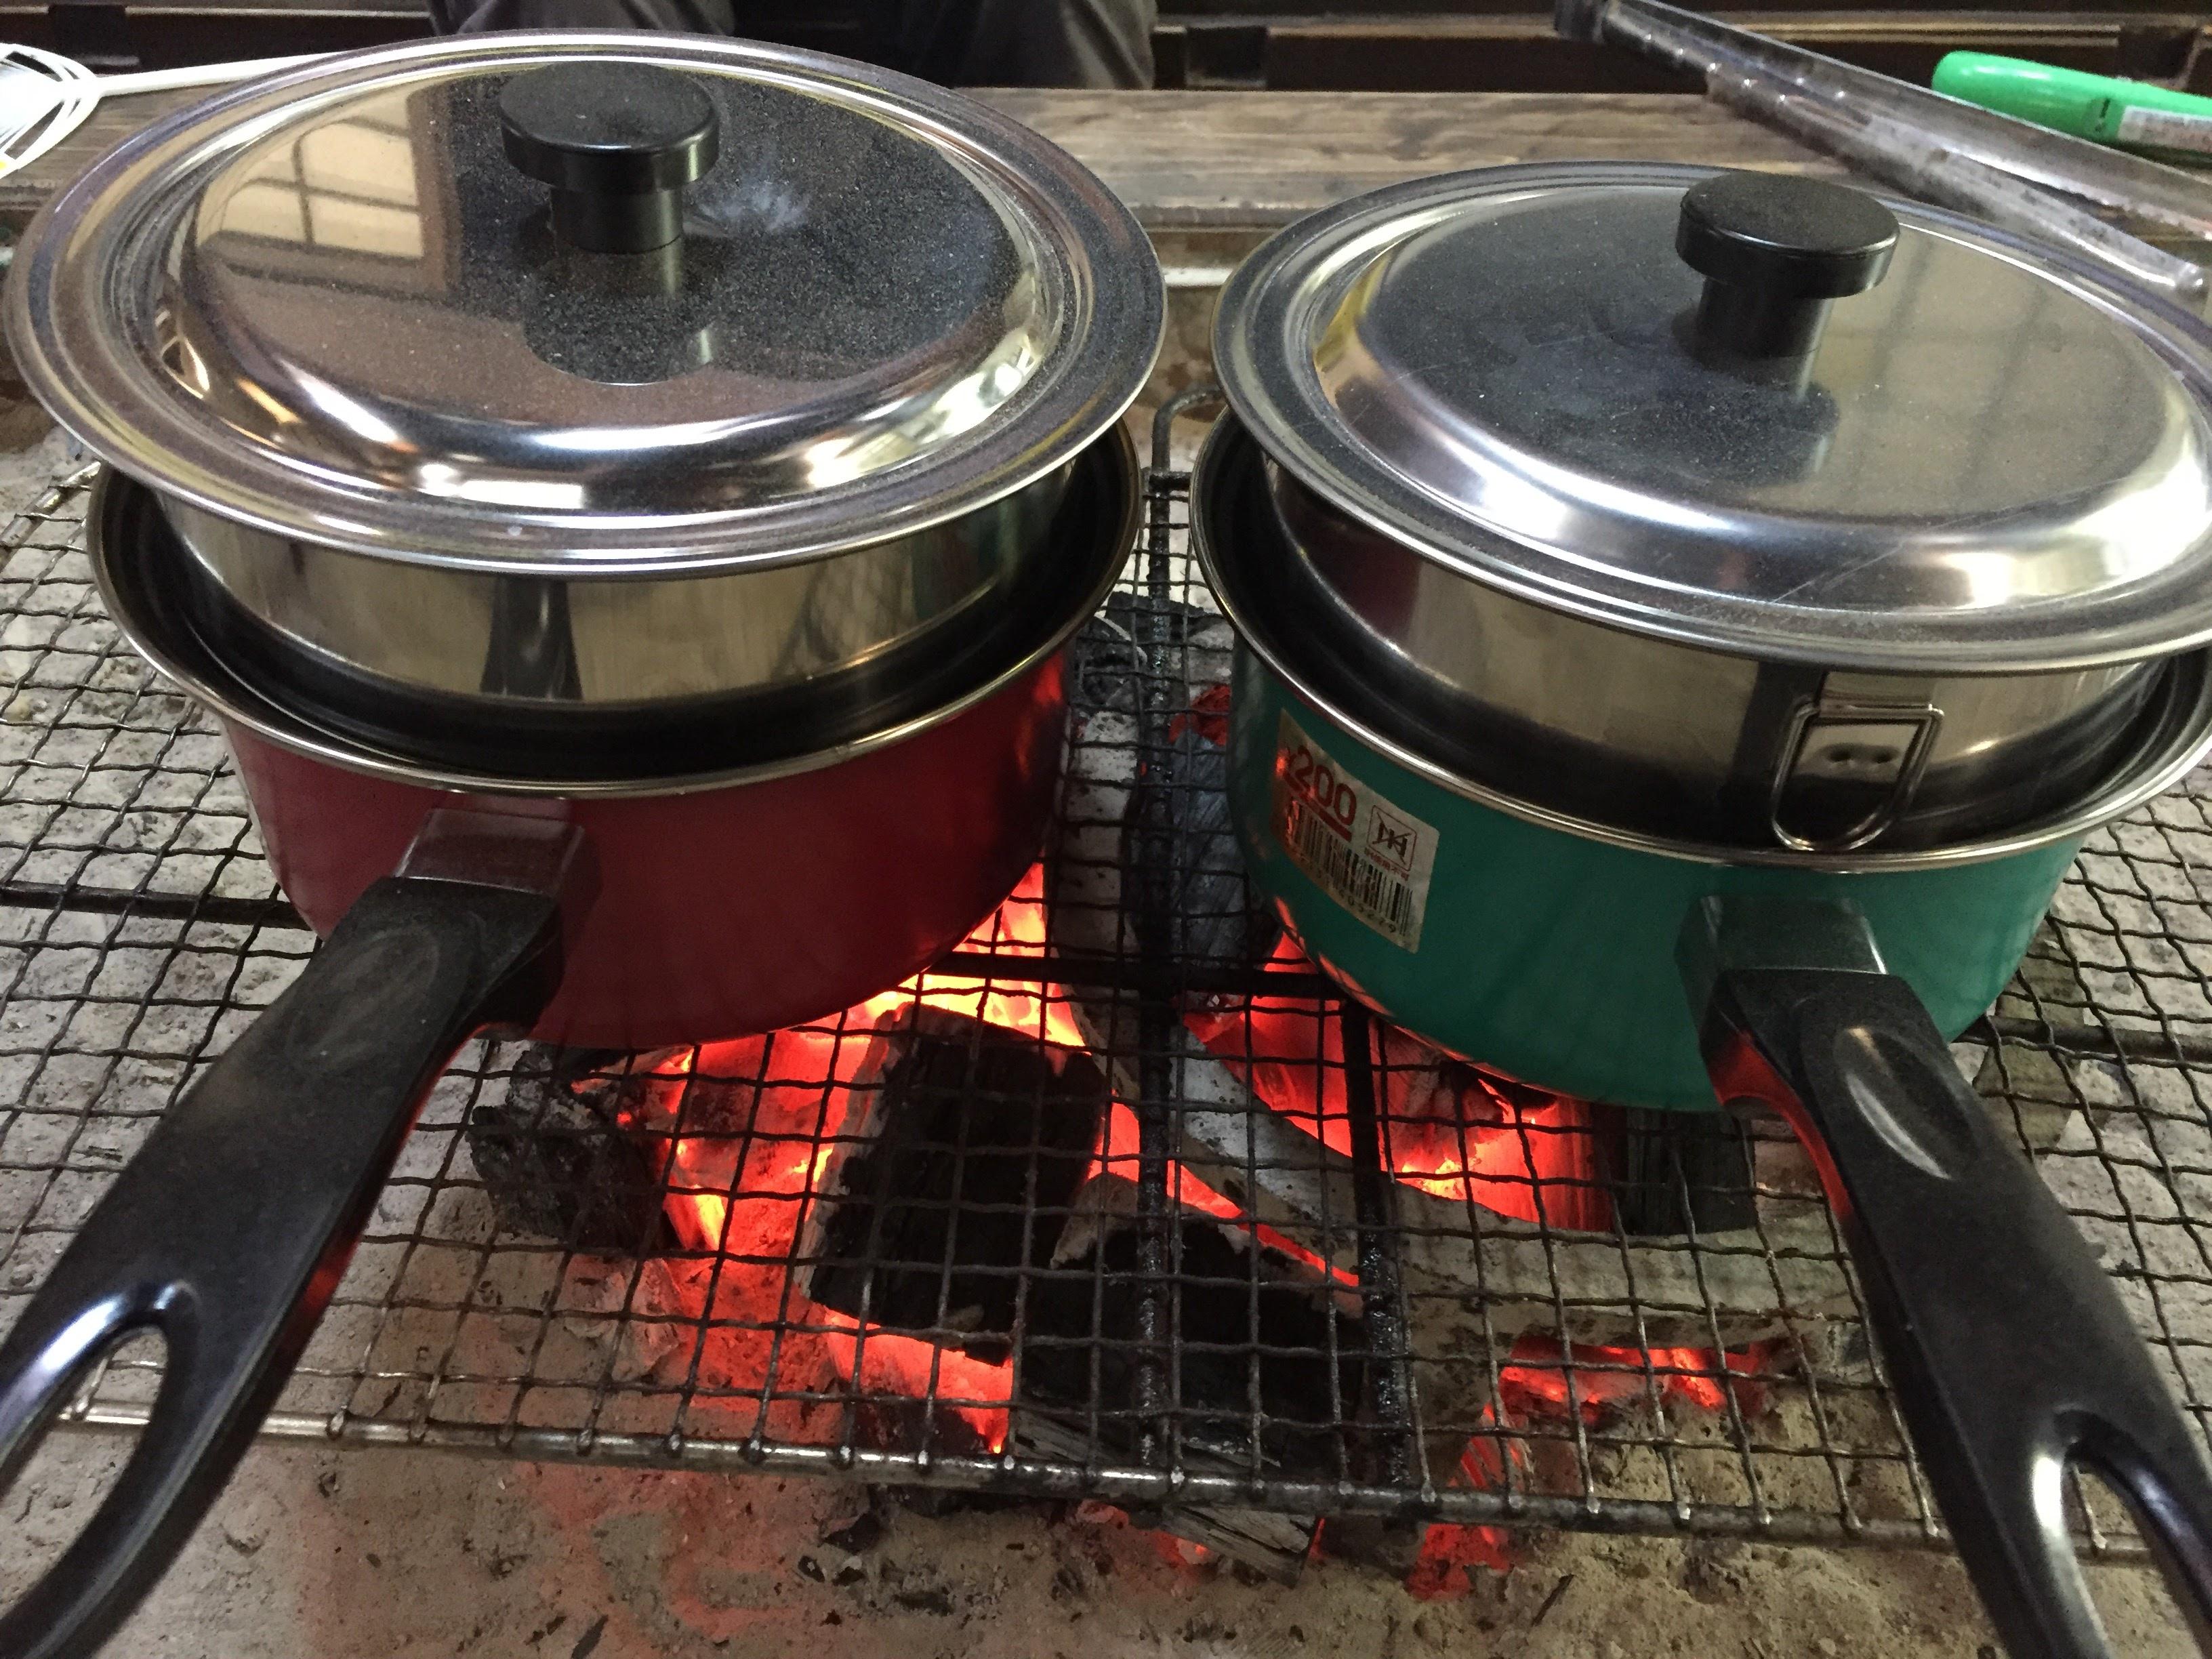 100均でつくる簡単燻製器と岩泉切炭を使ってリーズナブルでリッチな燻製実験してみた。